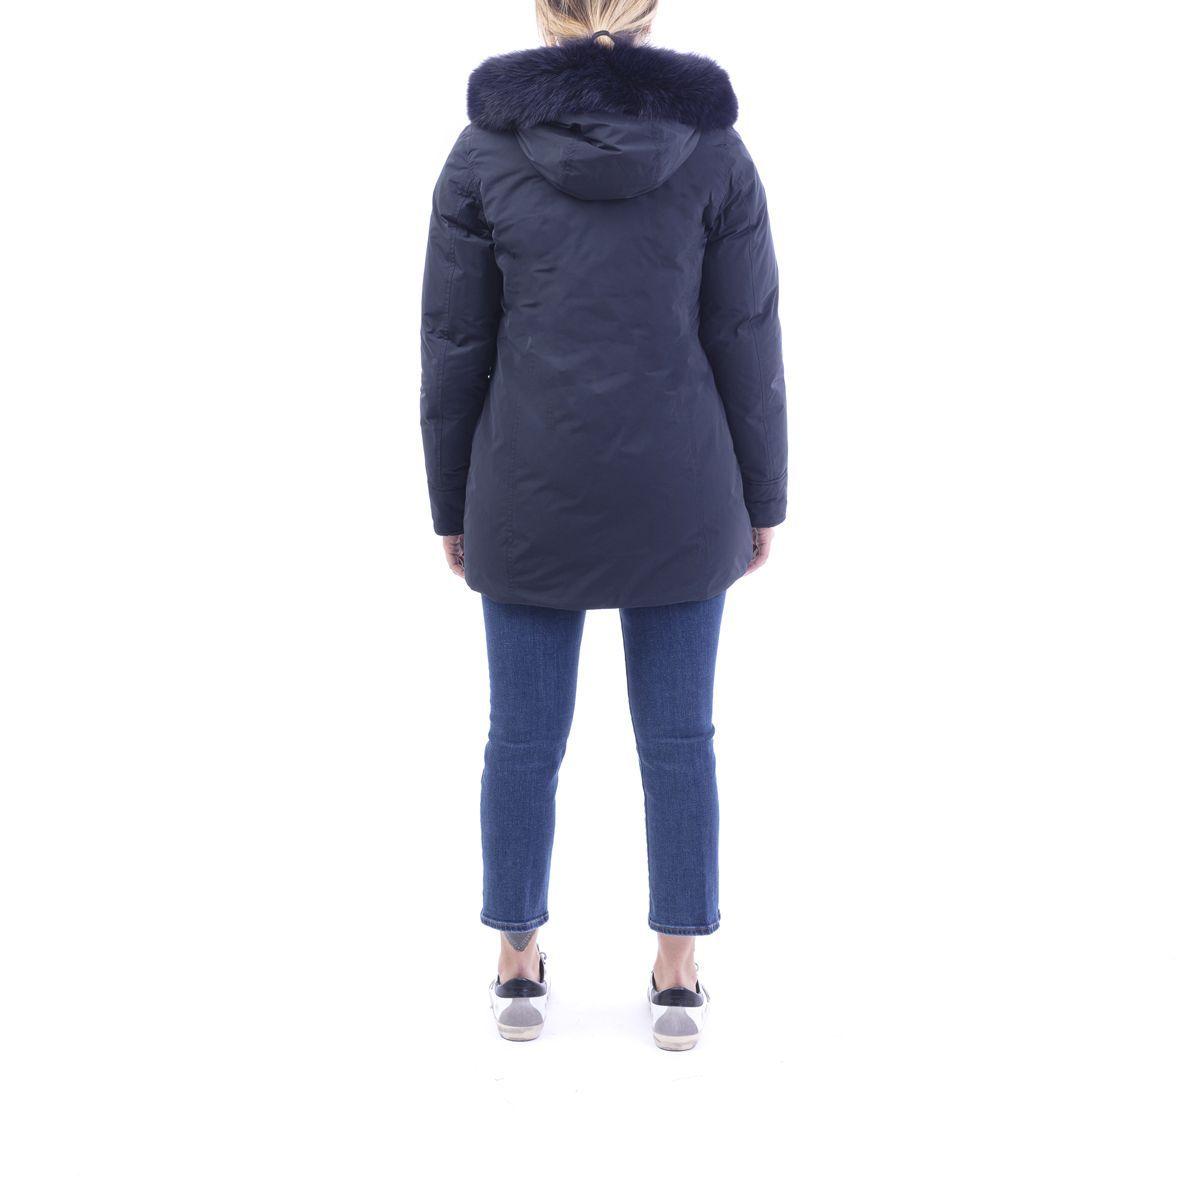 WOOLRICH WOMEN'S WWCPS2834UT0573324 BLUE POLYESTER COAT